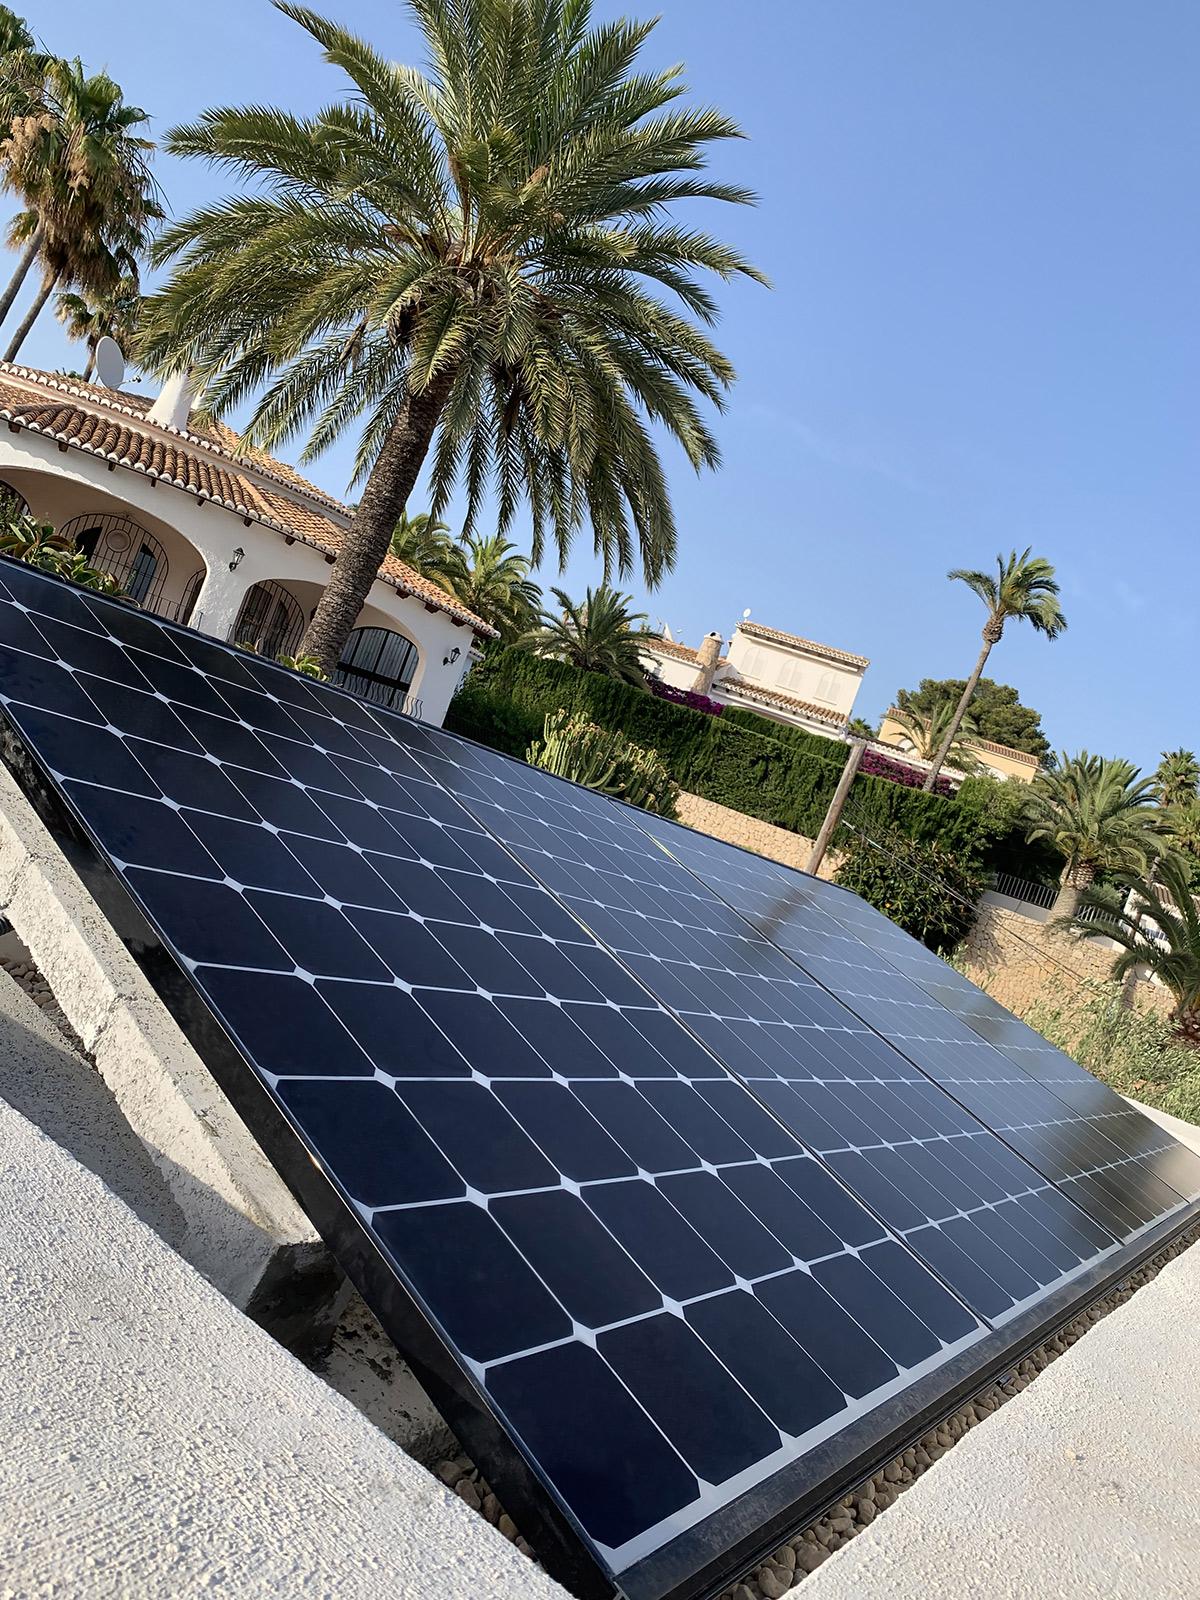 instalacion de paneles solares en Moraira, Alicante